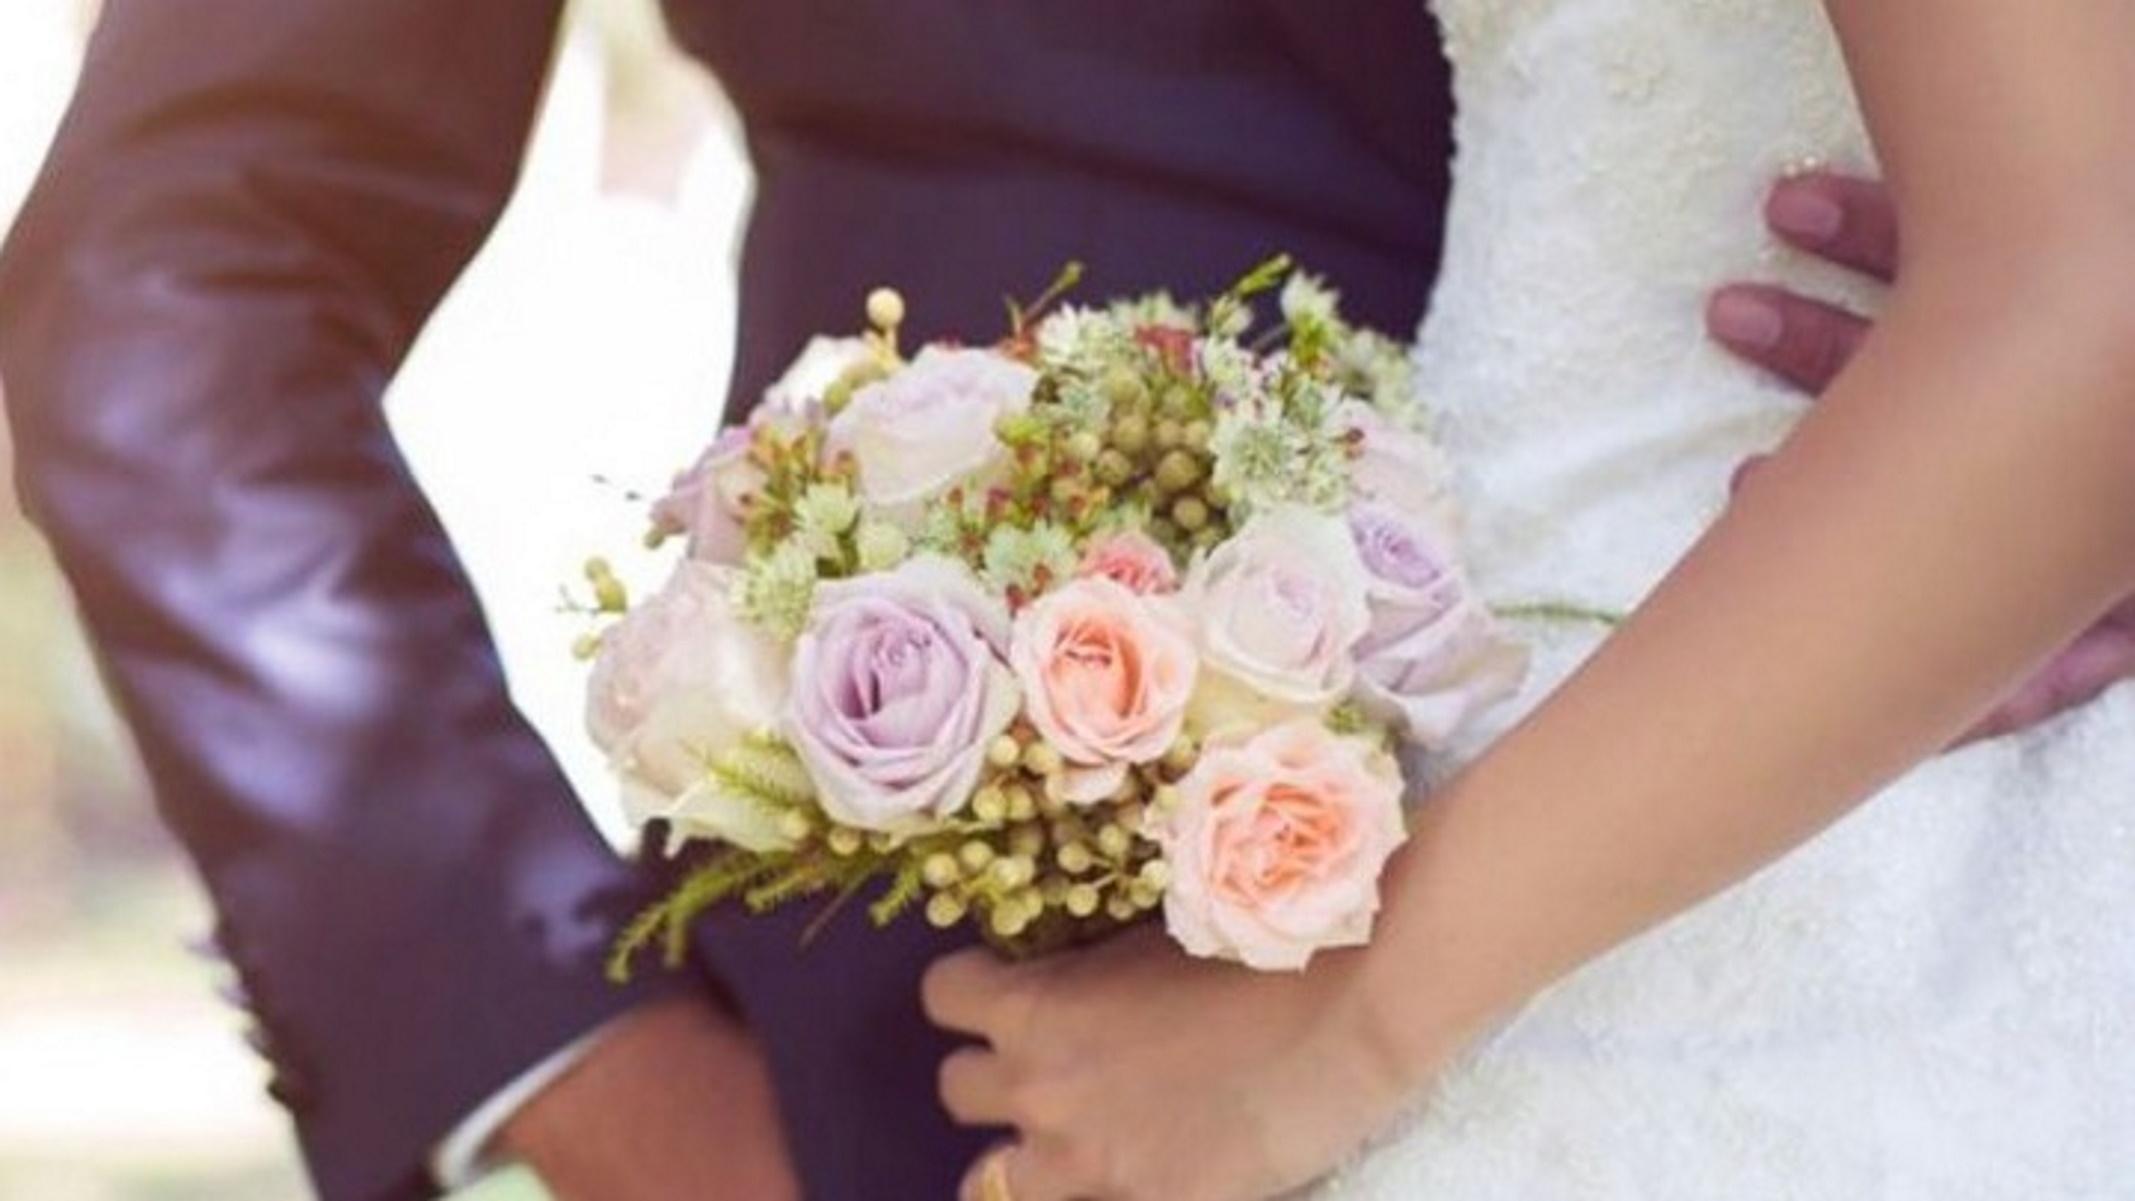 Κορονοϊός – Πάτρα: «Βροχή» οι αναβολές γάμων και γαμήλιων δεξιώσεων λόγω των μέτρων